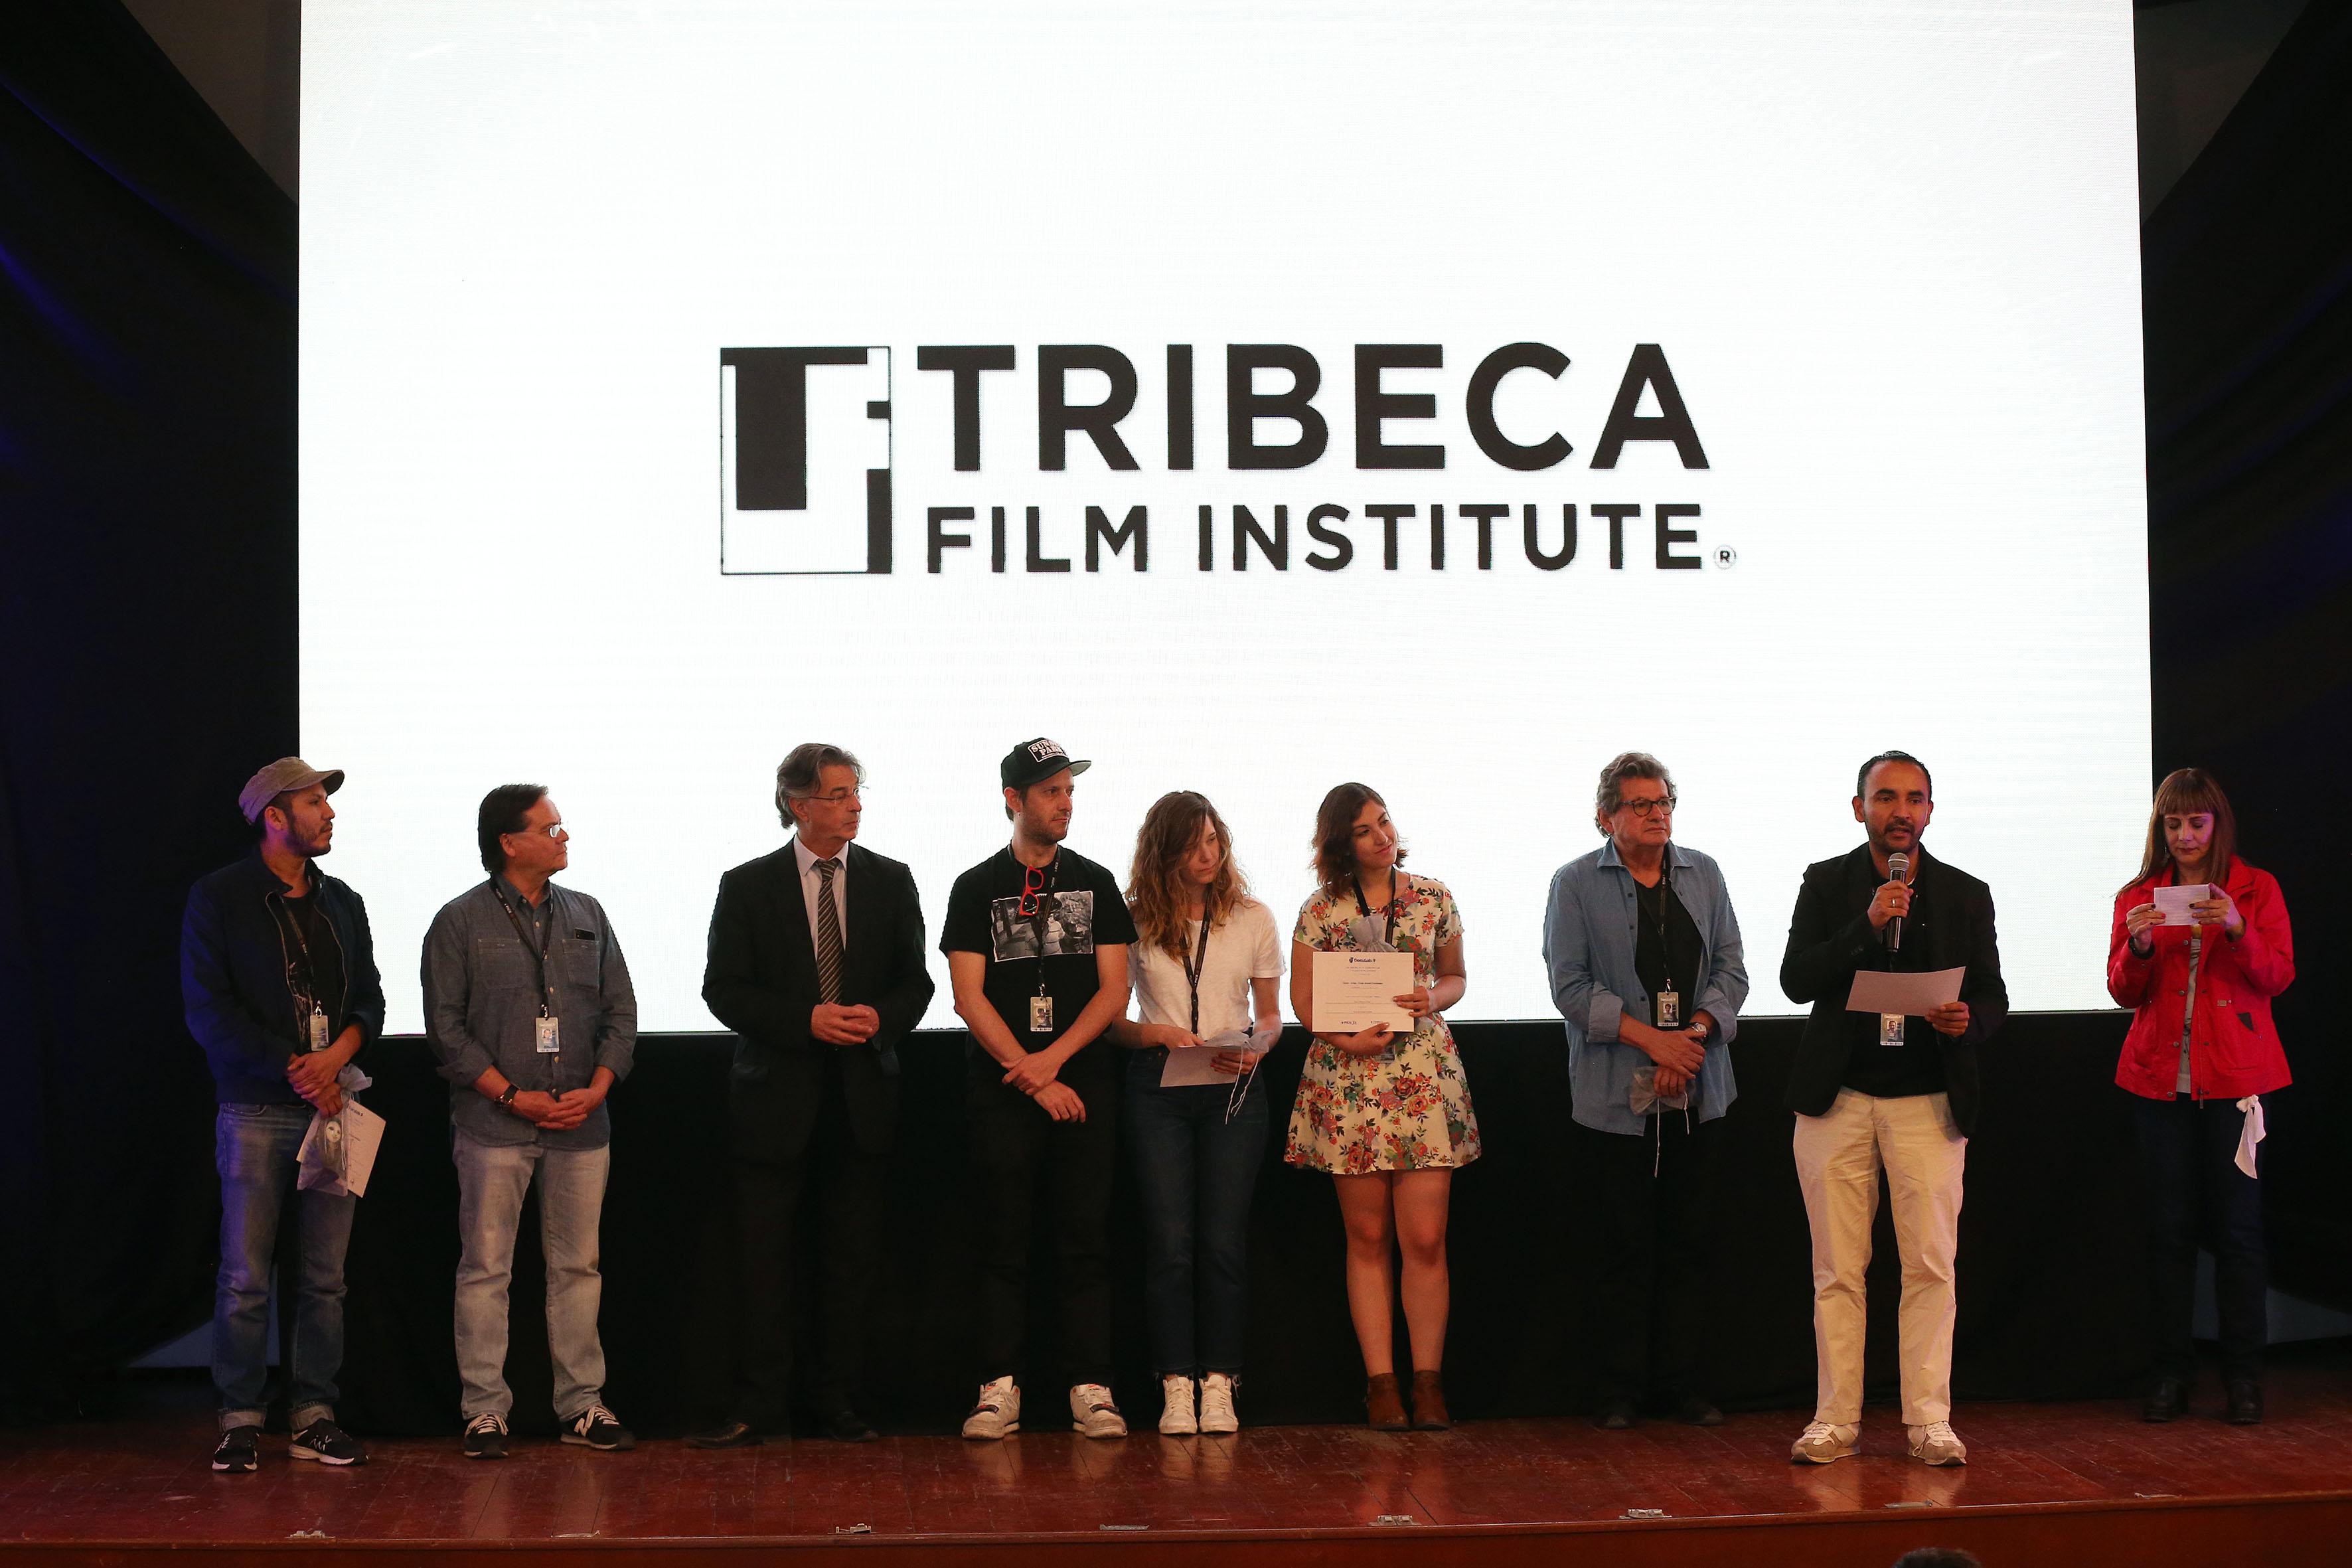 Entrega de premios, realizada en el auditorio de la Alianza Francesa, en el marco del Festival Internacional de Cine en Guadalajara (FICG 32).